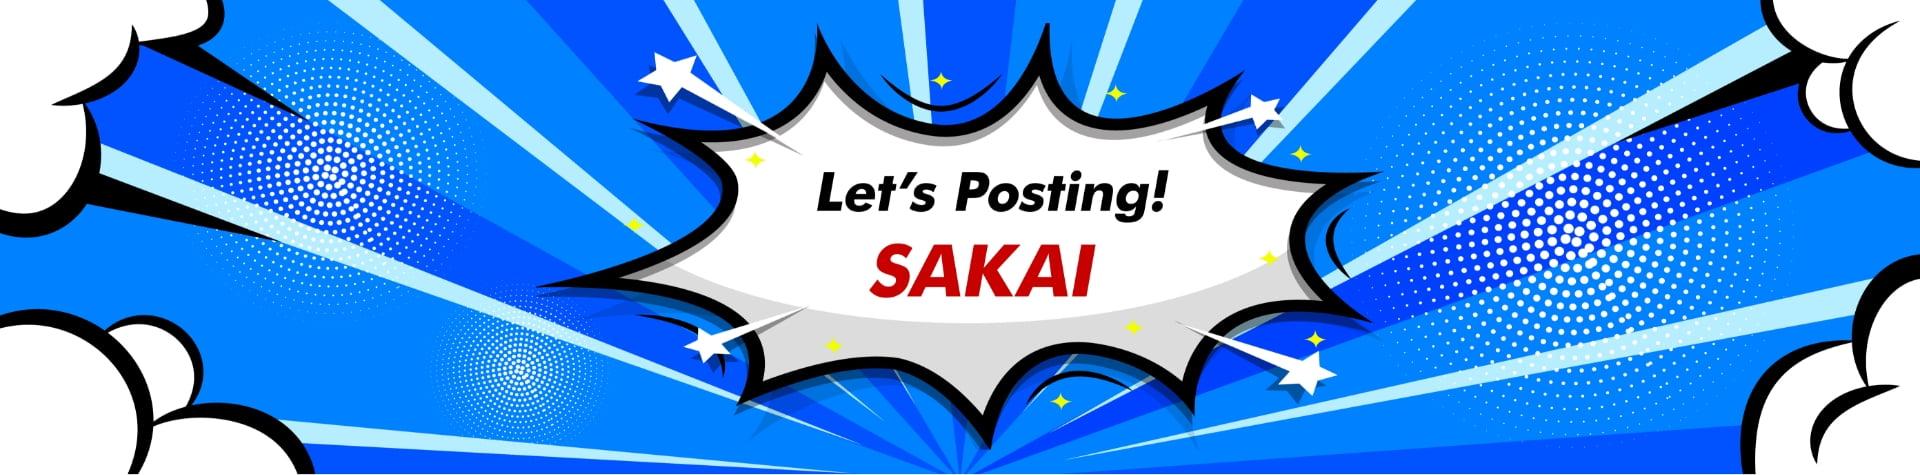 Let's Posting! -sakai-